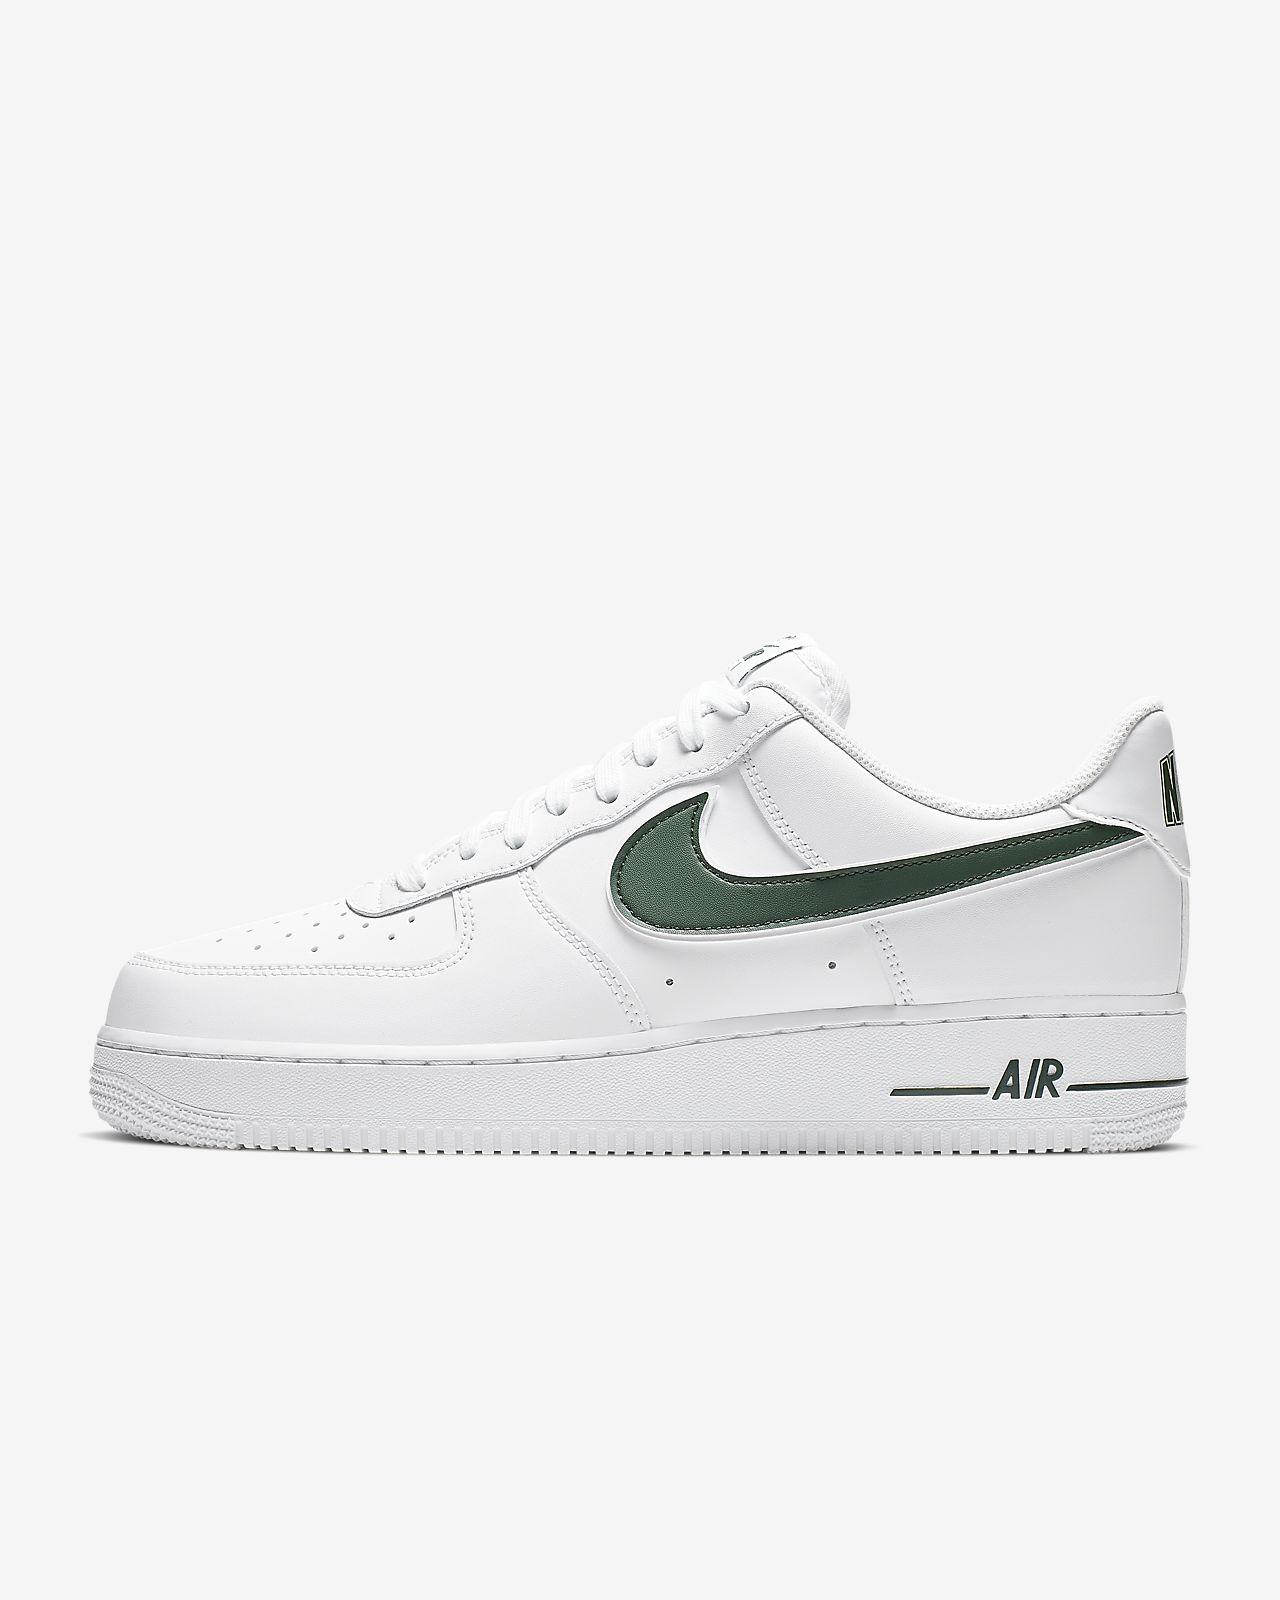 timeless design 12982 7de30 ... Nike Air Force 1 07-sko til mænd